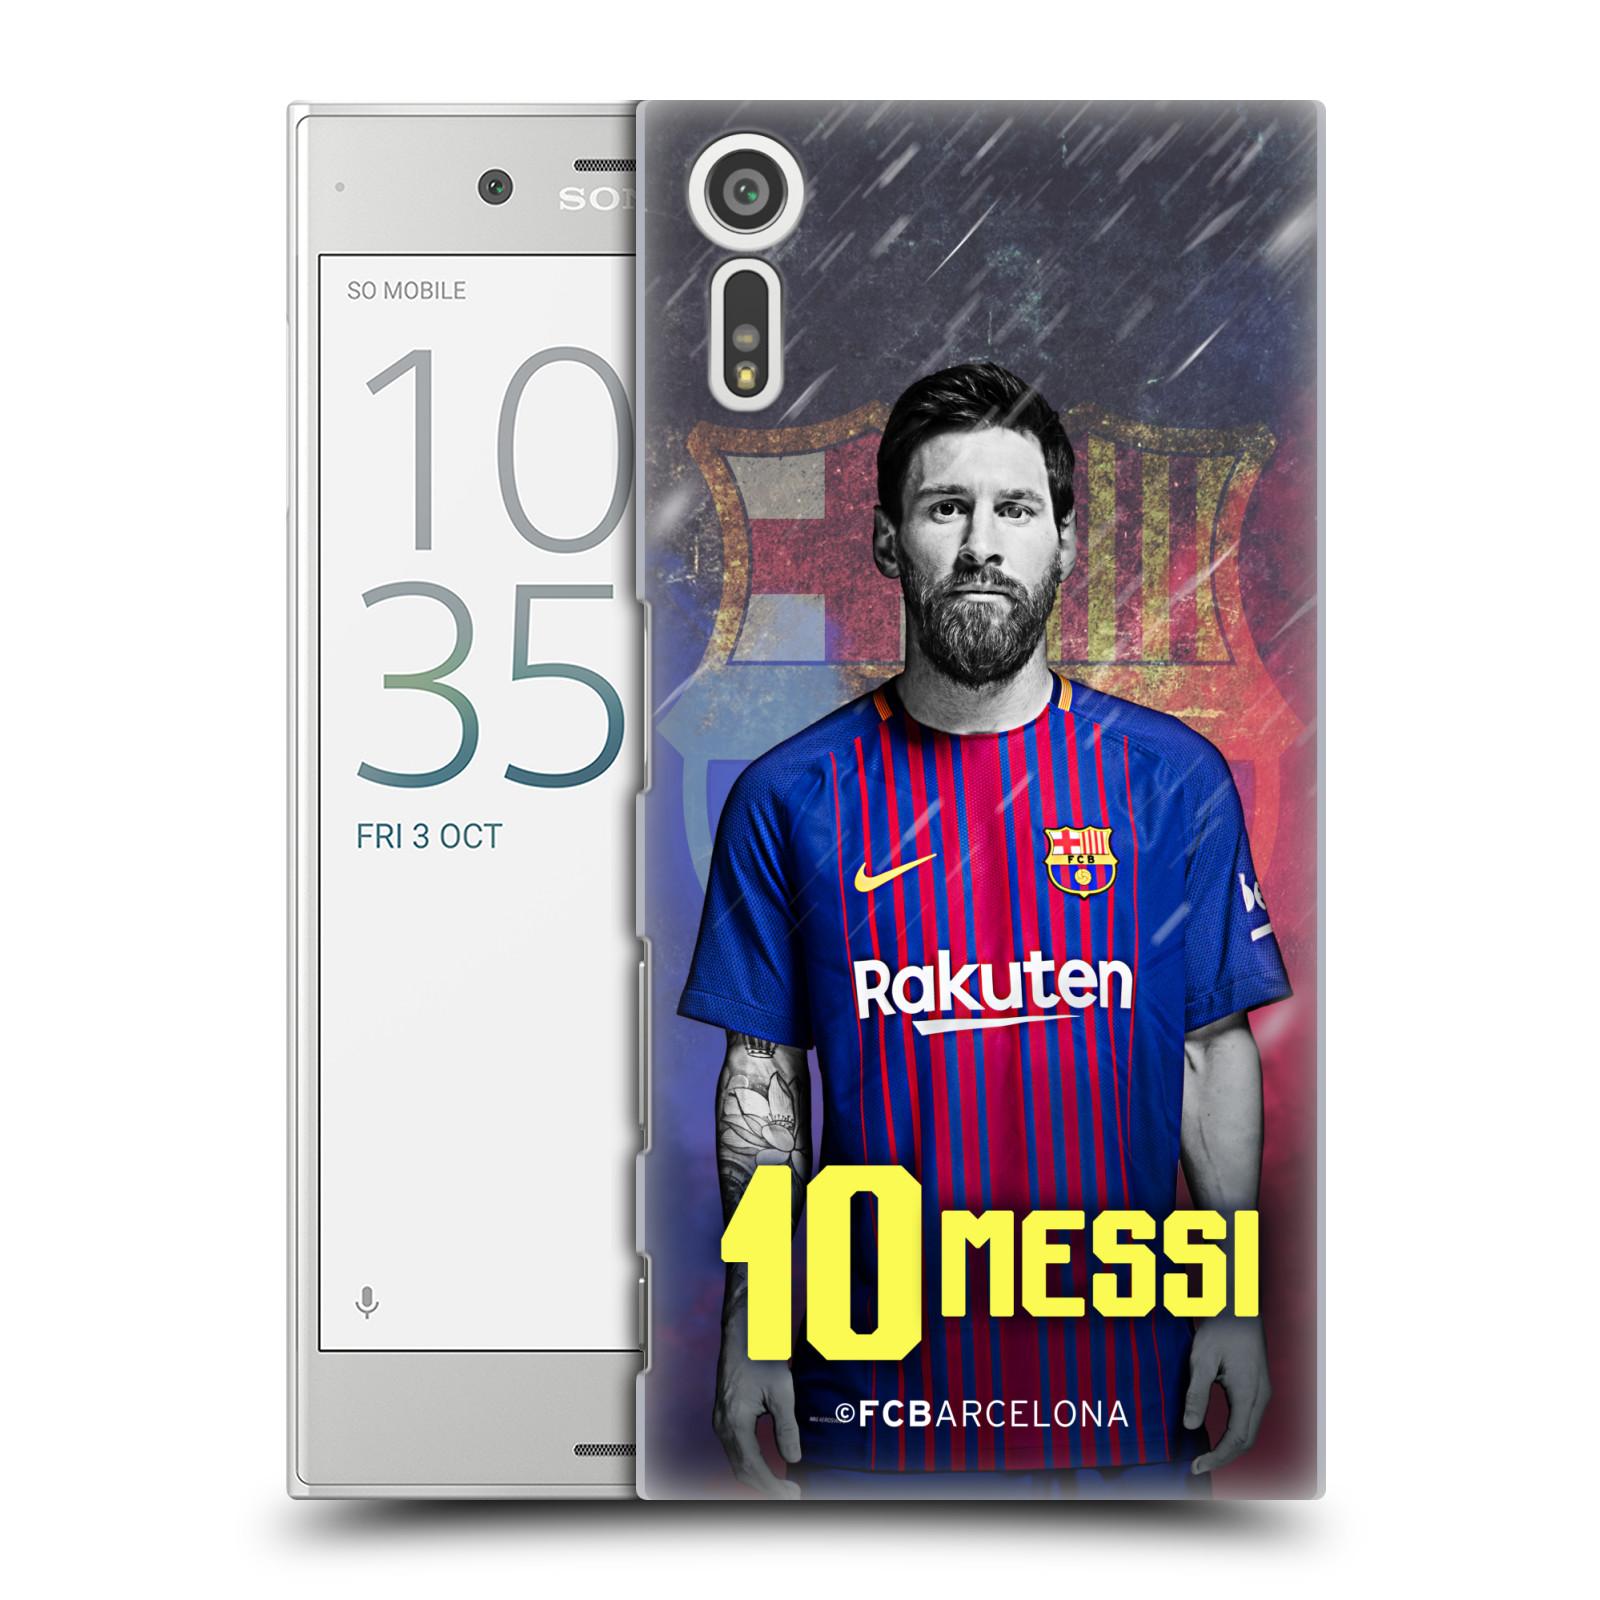 Plastové pouzdro na mobil Sony Xperia XZ - Head Case - FC Barcelona - Lionel Messi 10 (Plastový kryt či obal na mobilní telefon s oficiálním licencovaným motivem FC Barcelona - Lionel Messi 10 pro Sony Xperia XZ F8331 / Sony Xperia XZ Dual F8332)